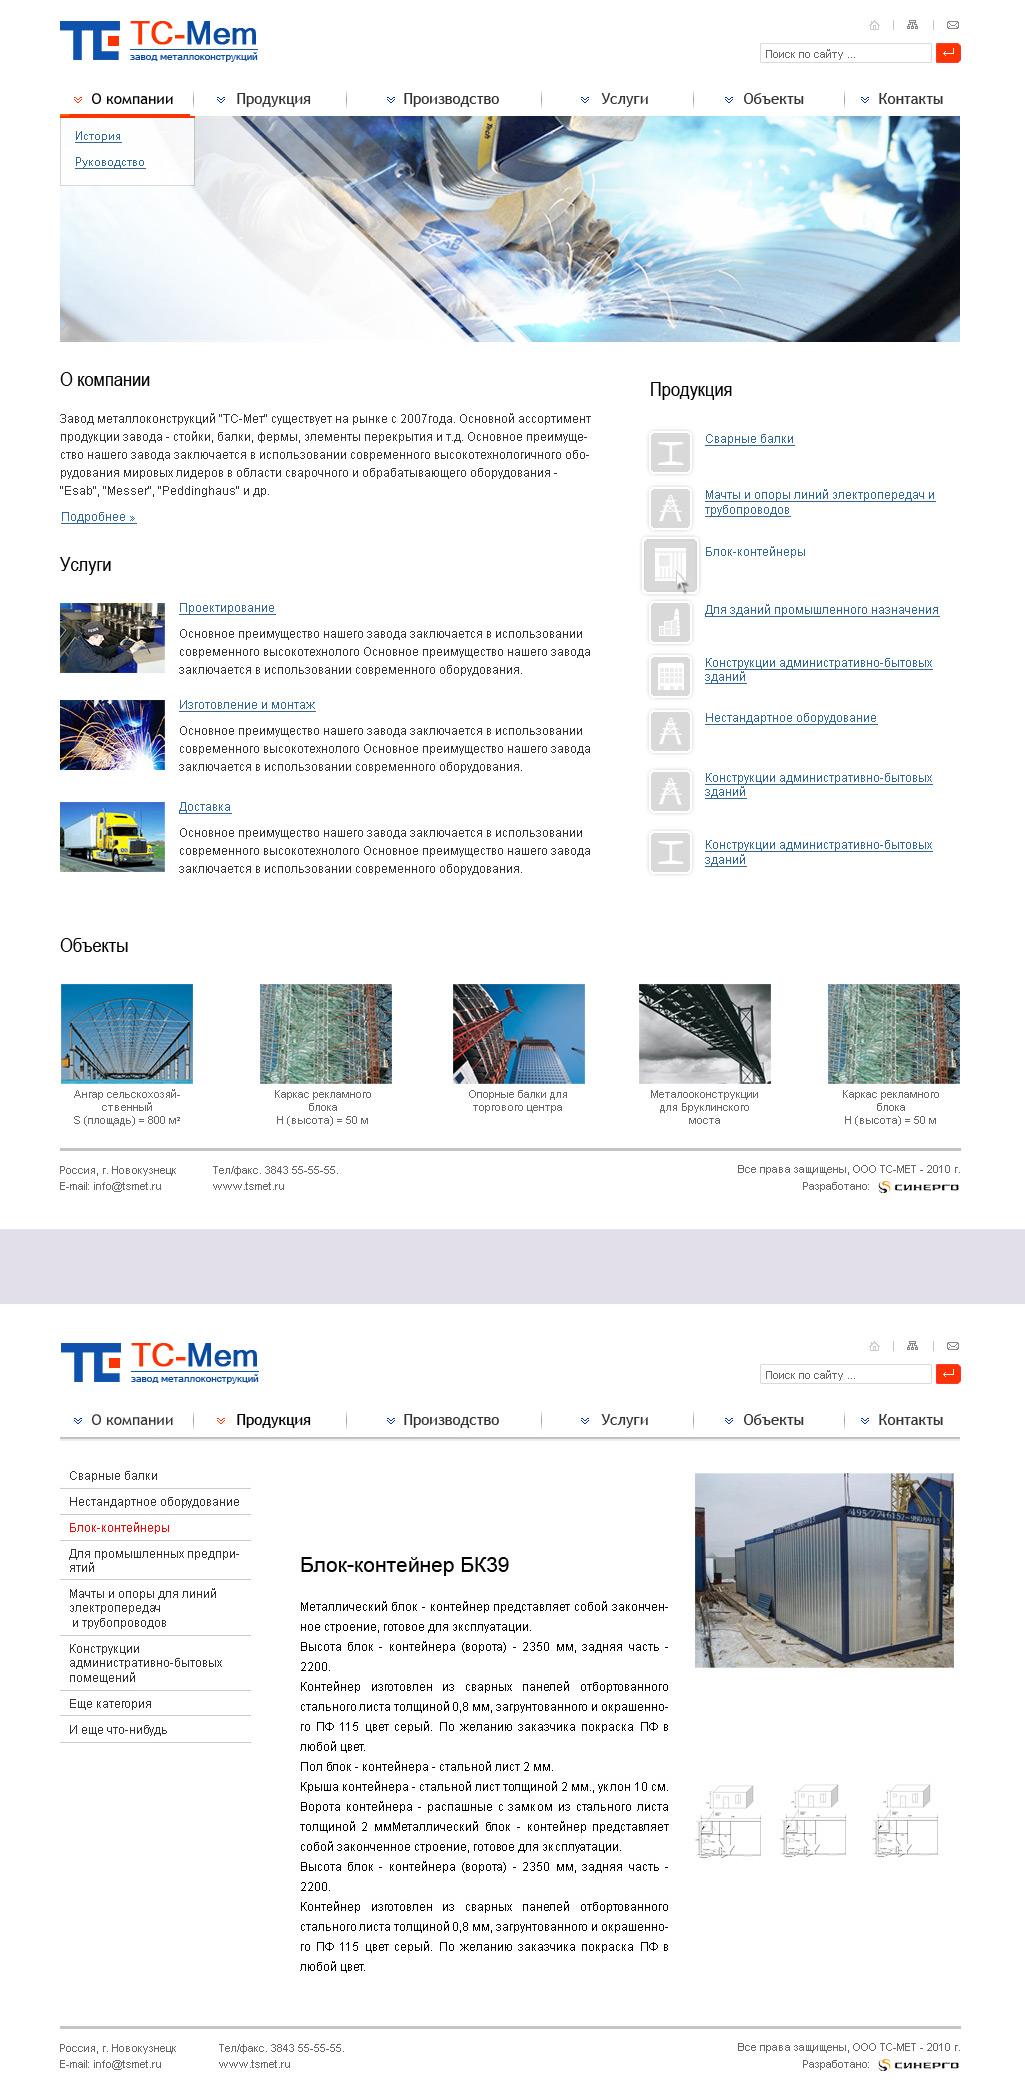 ТС-Мет (главная и внутренняя)